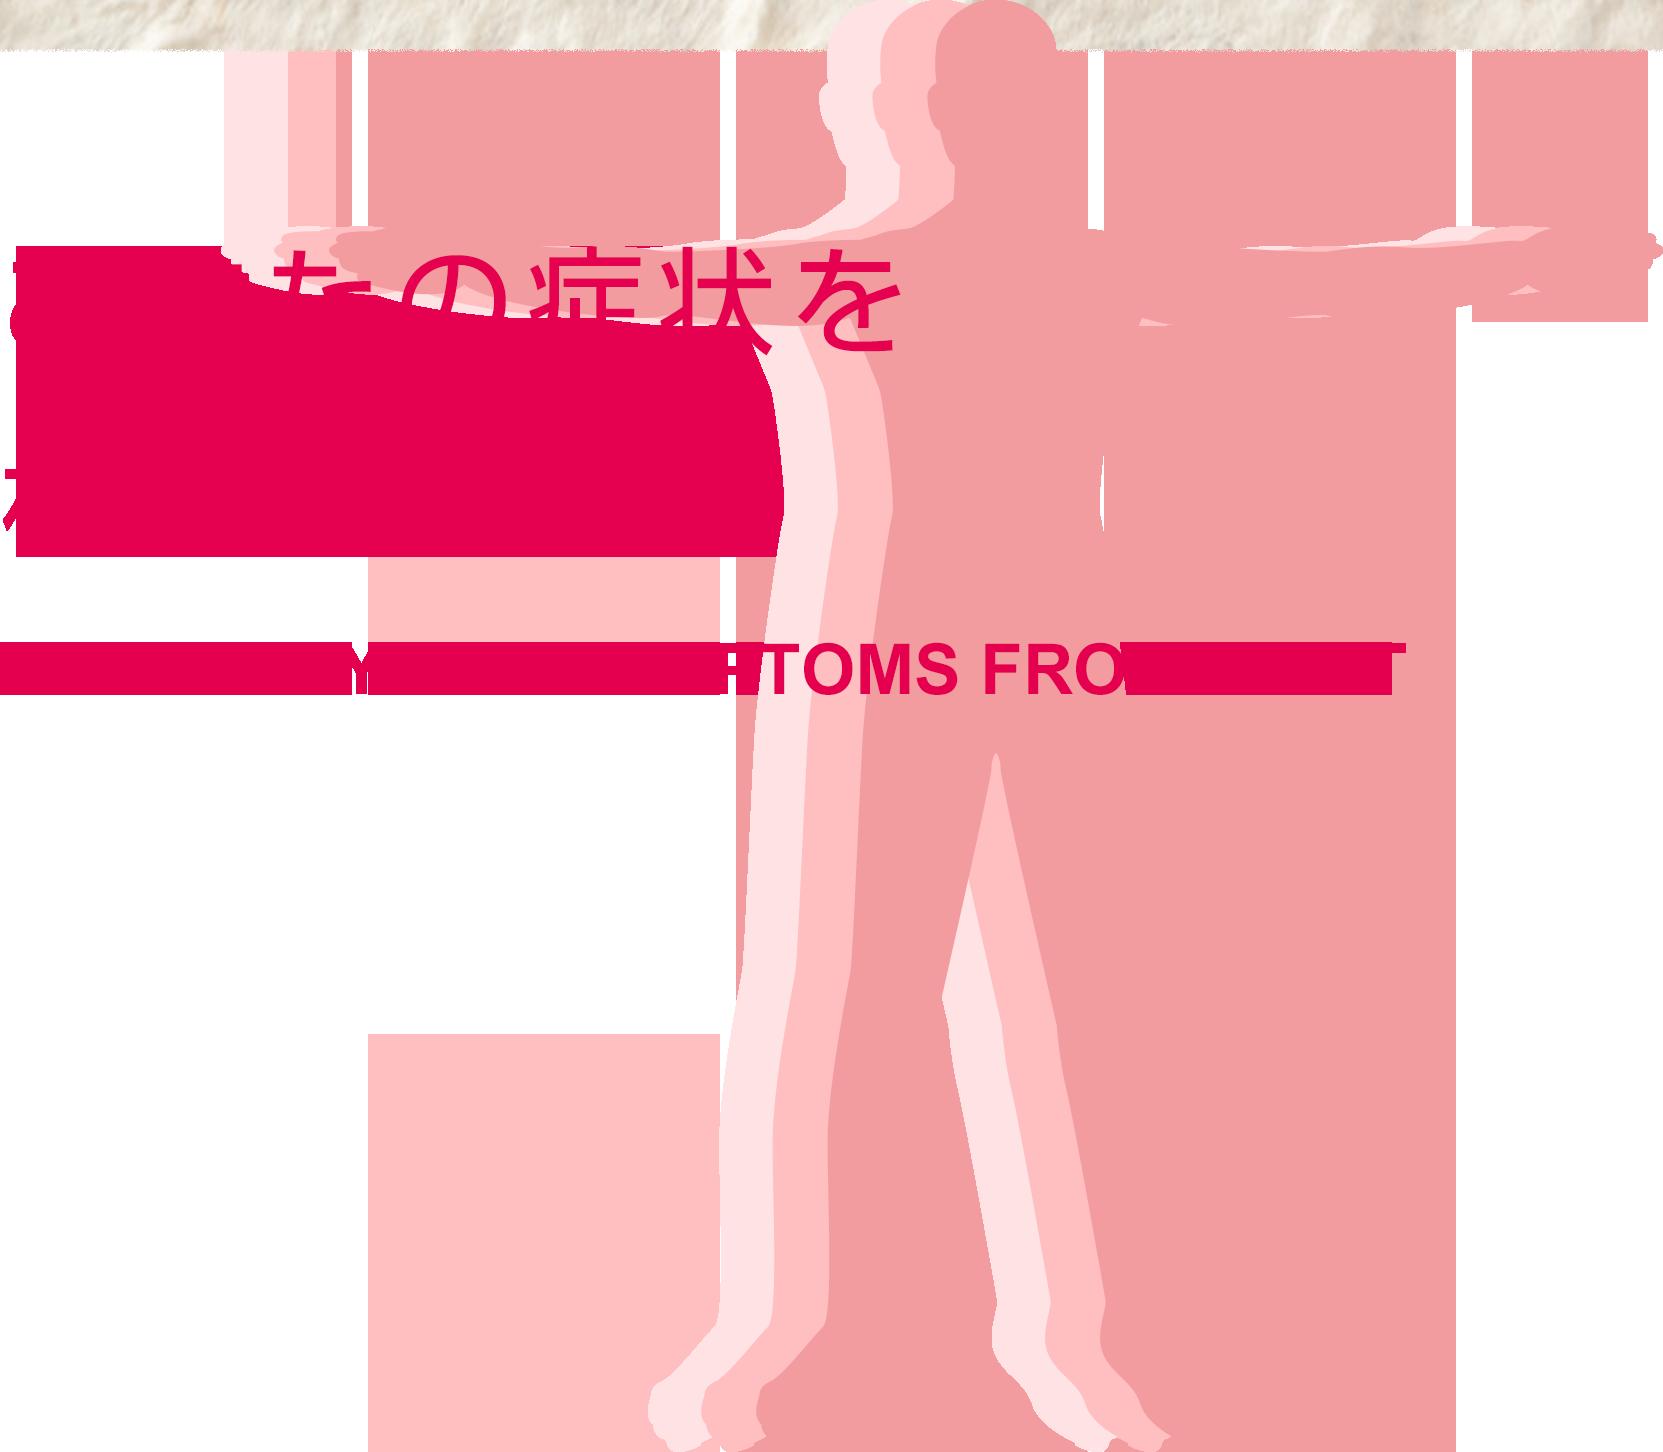 あなたの症状を根本から改善